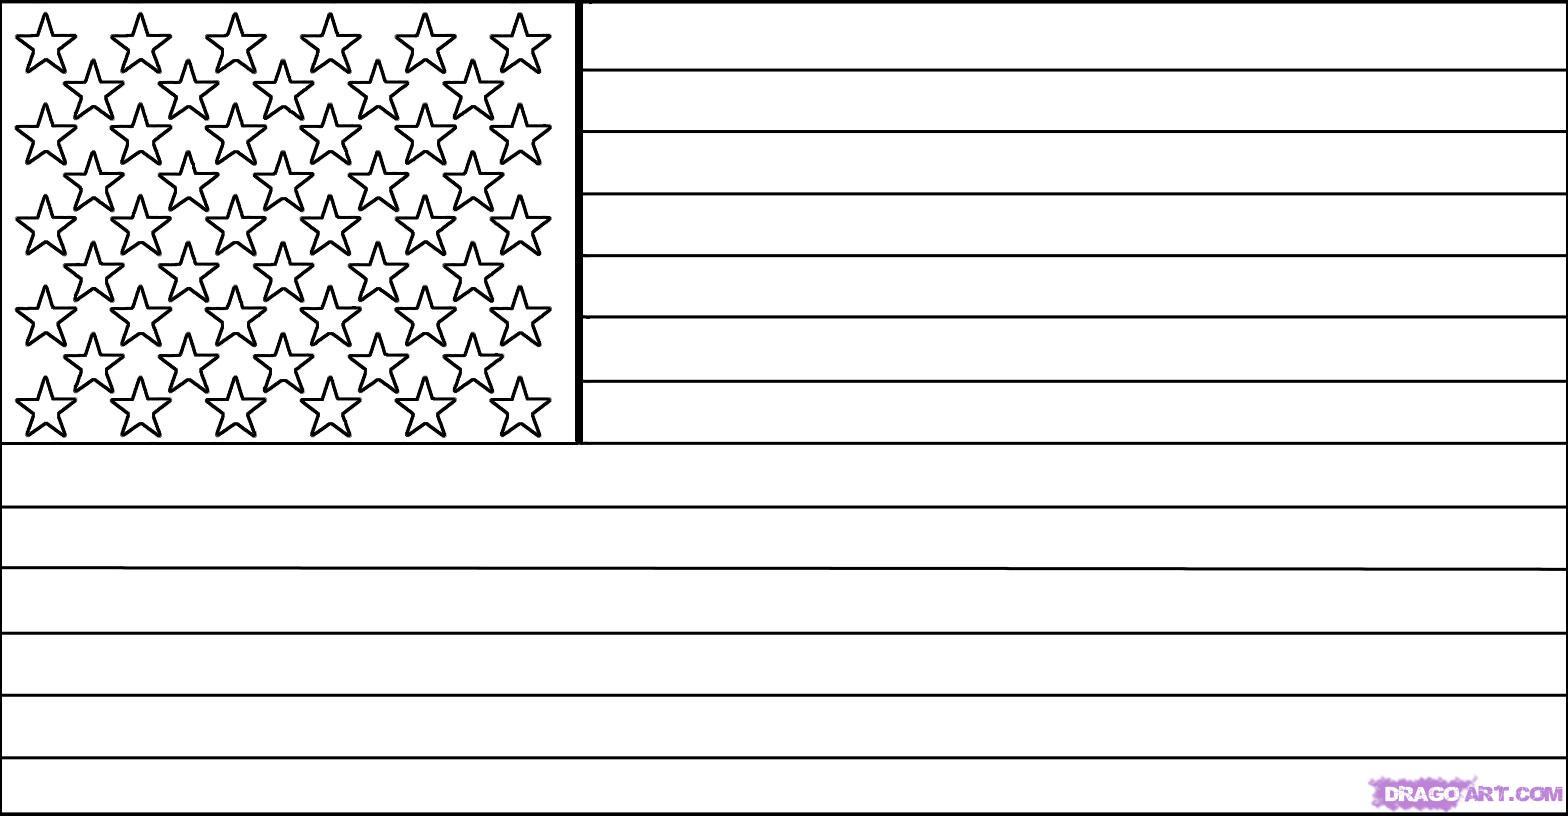 Как нарисовать флаг Америки (США) карандашом поэтапно